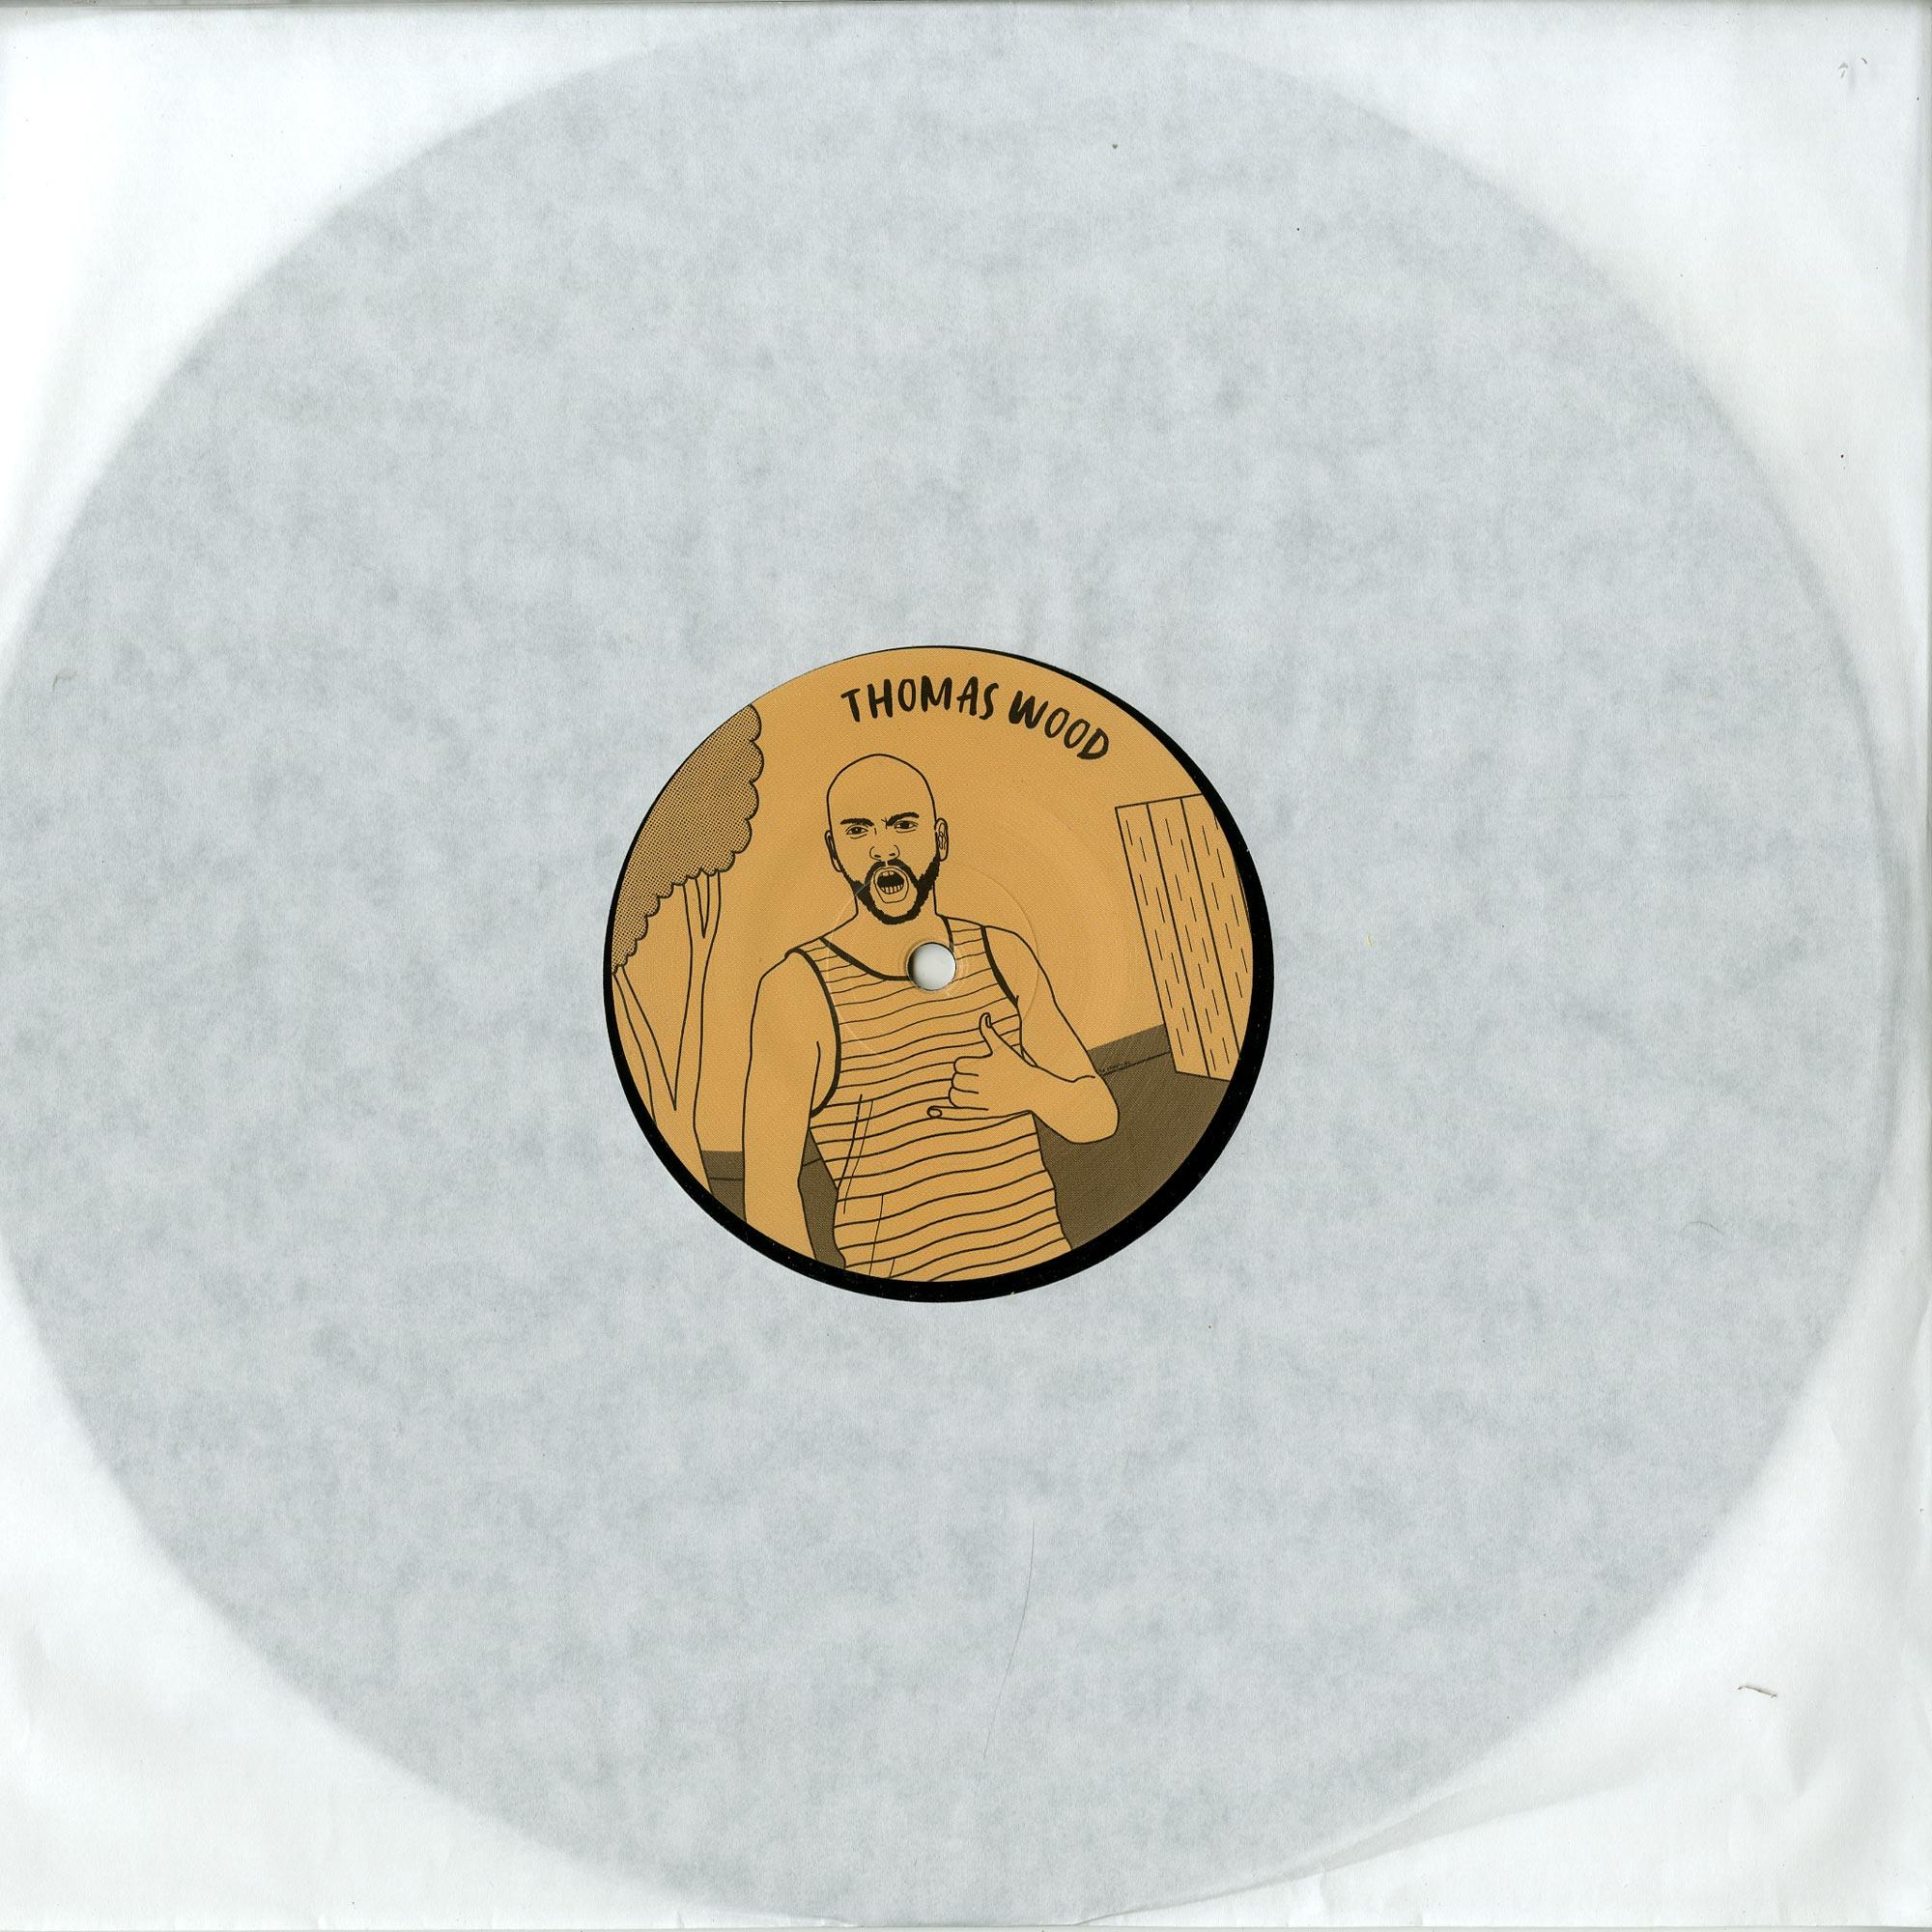 Thomas Wood - QUIET STORM EP